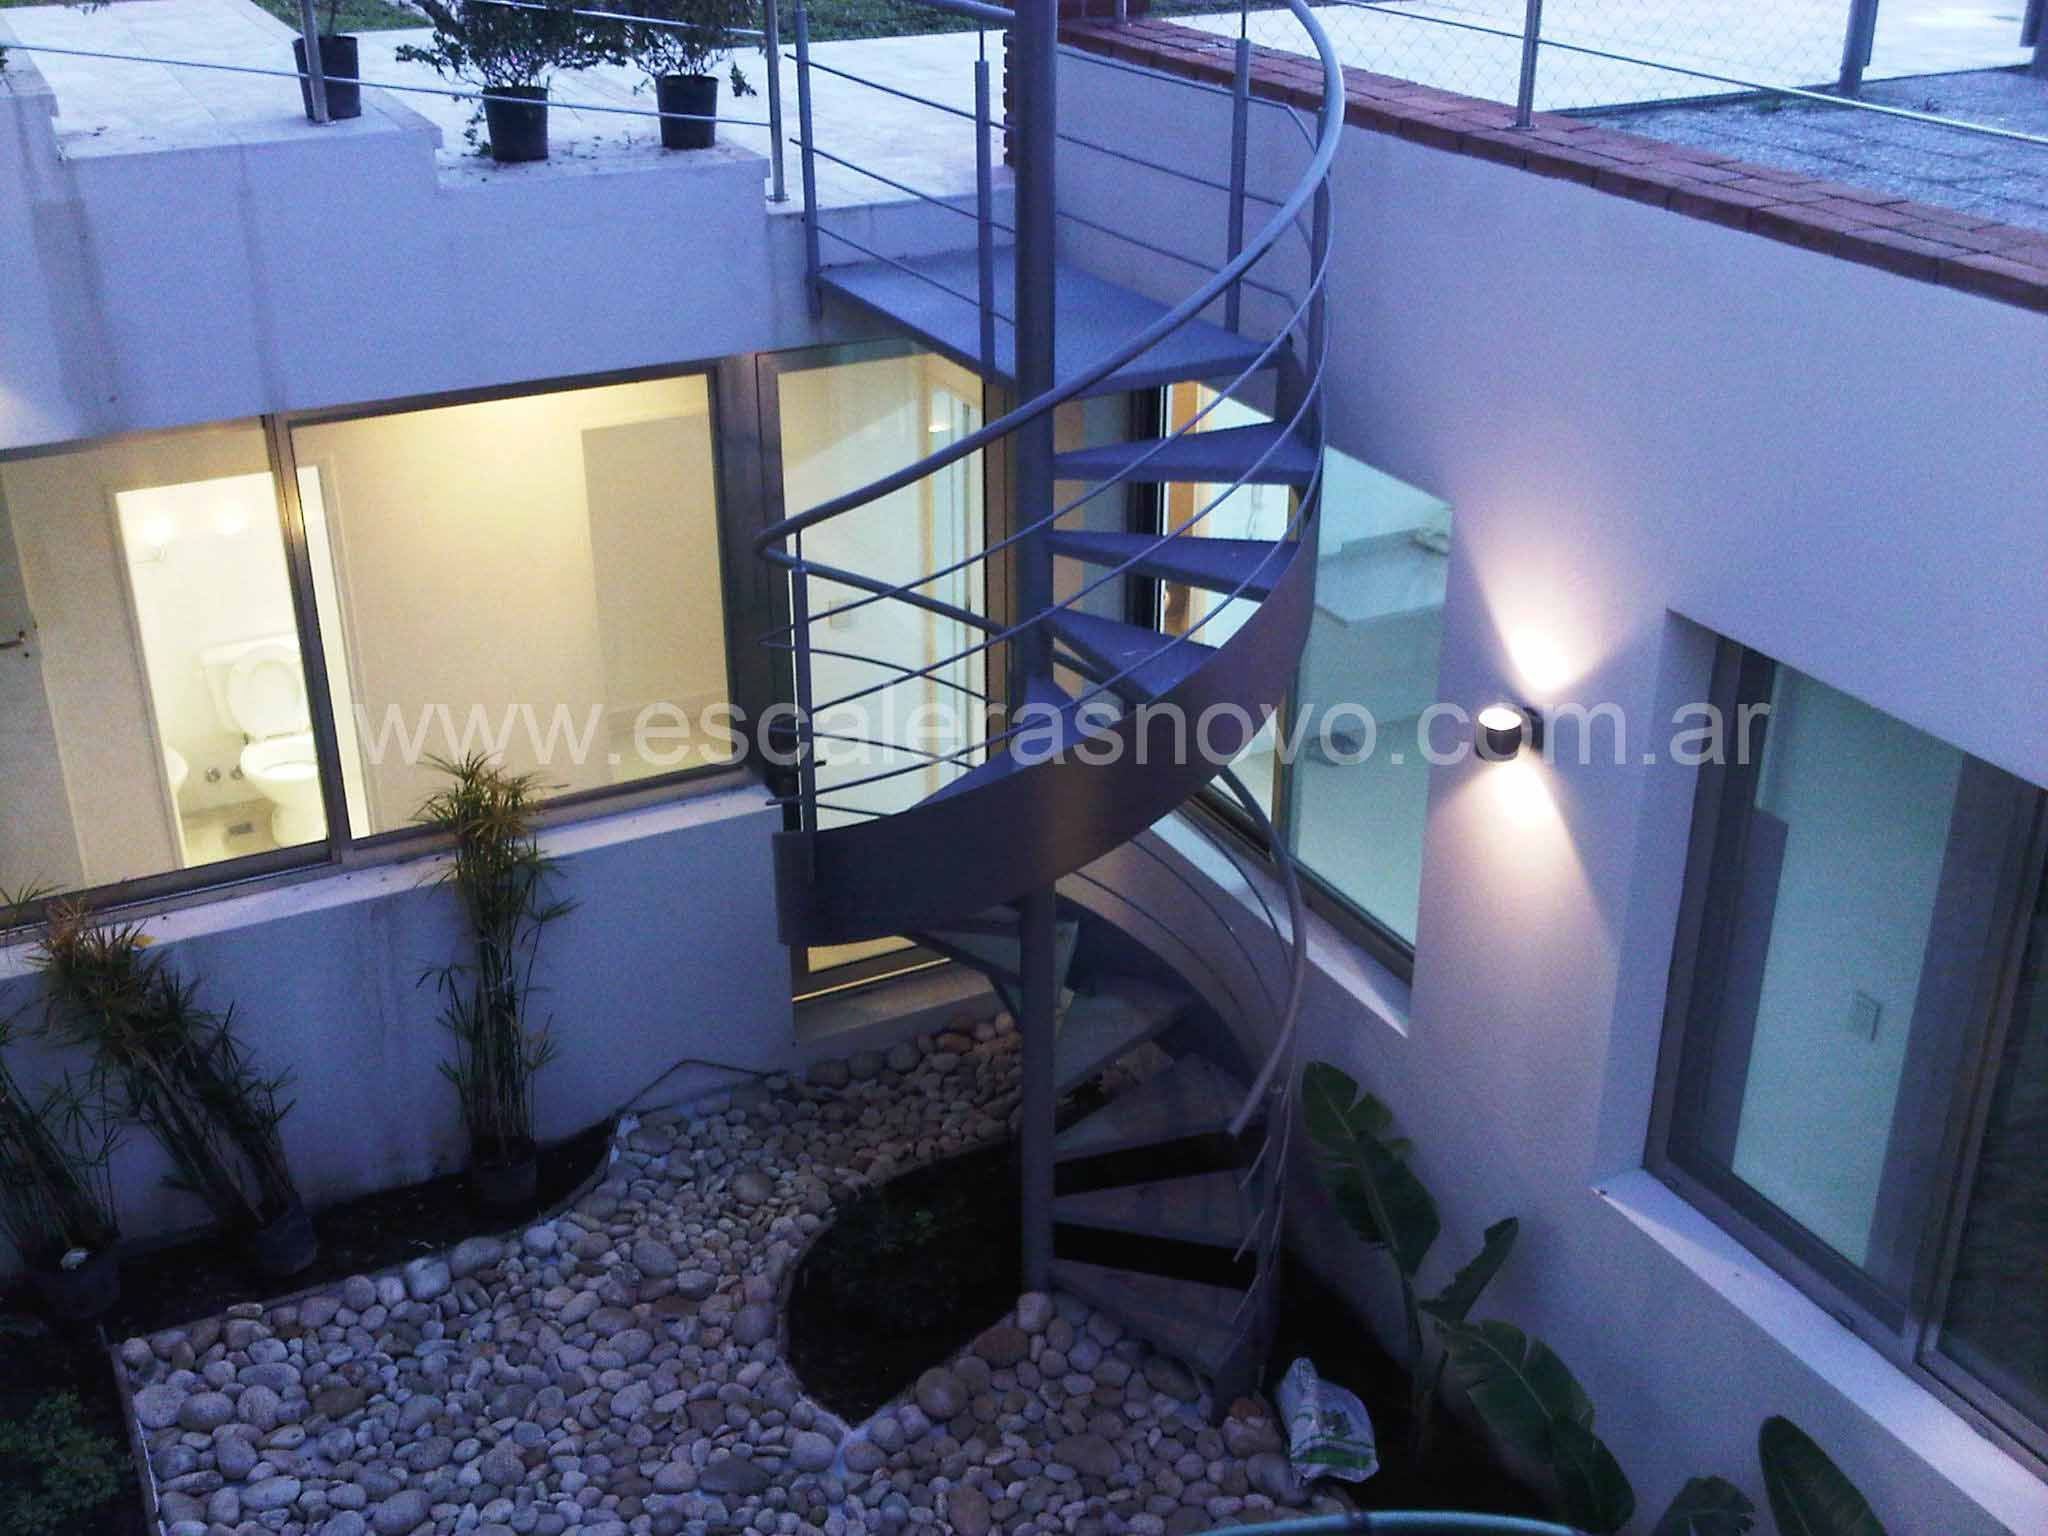 Escaleras Caracol Con Cinta Helicoidal Exterior Home Details  ~ Dimensiones Escalera De Caracol